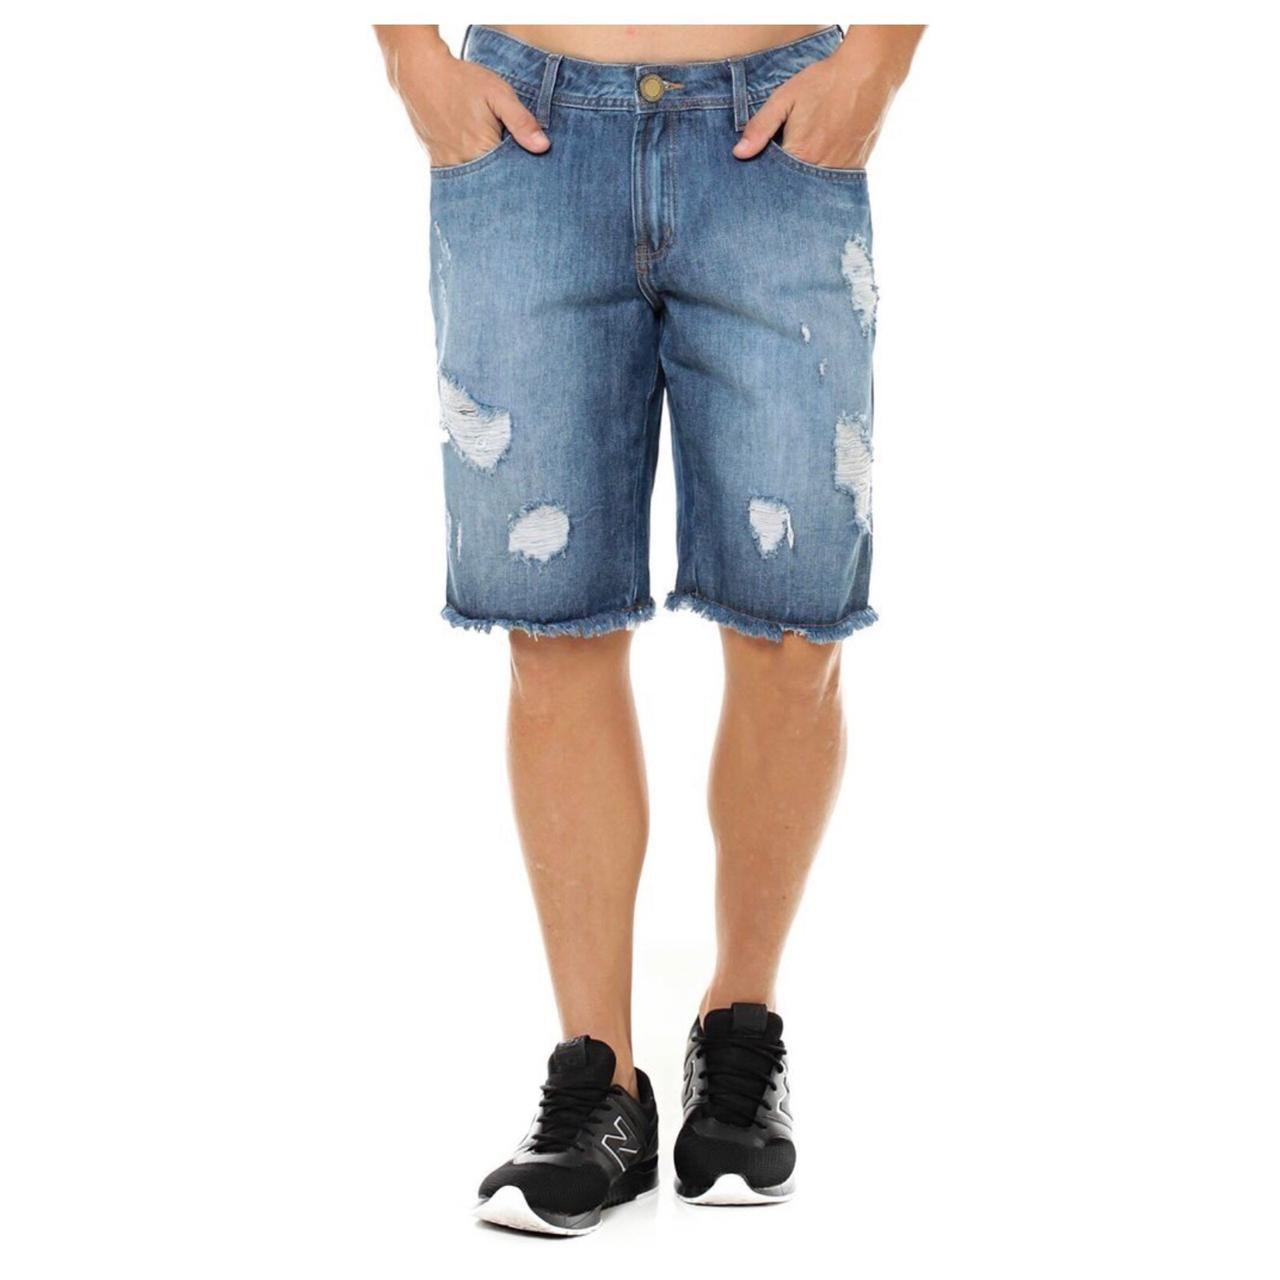 5953f400f Bermuda Jeans Masculina Rasgada Eventual Middle Destroyed Eventual ...